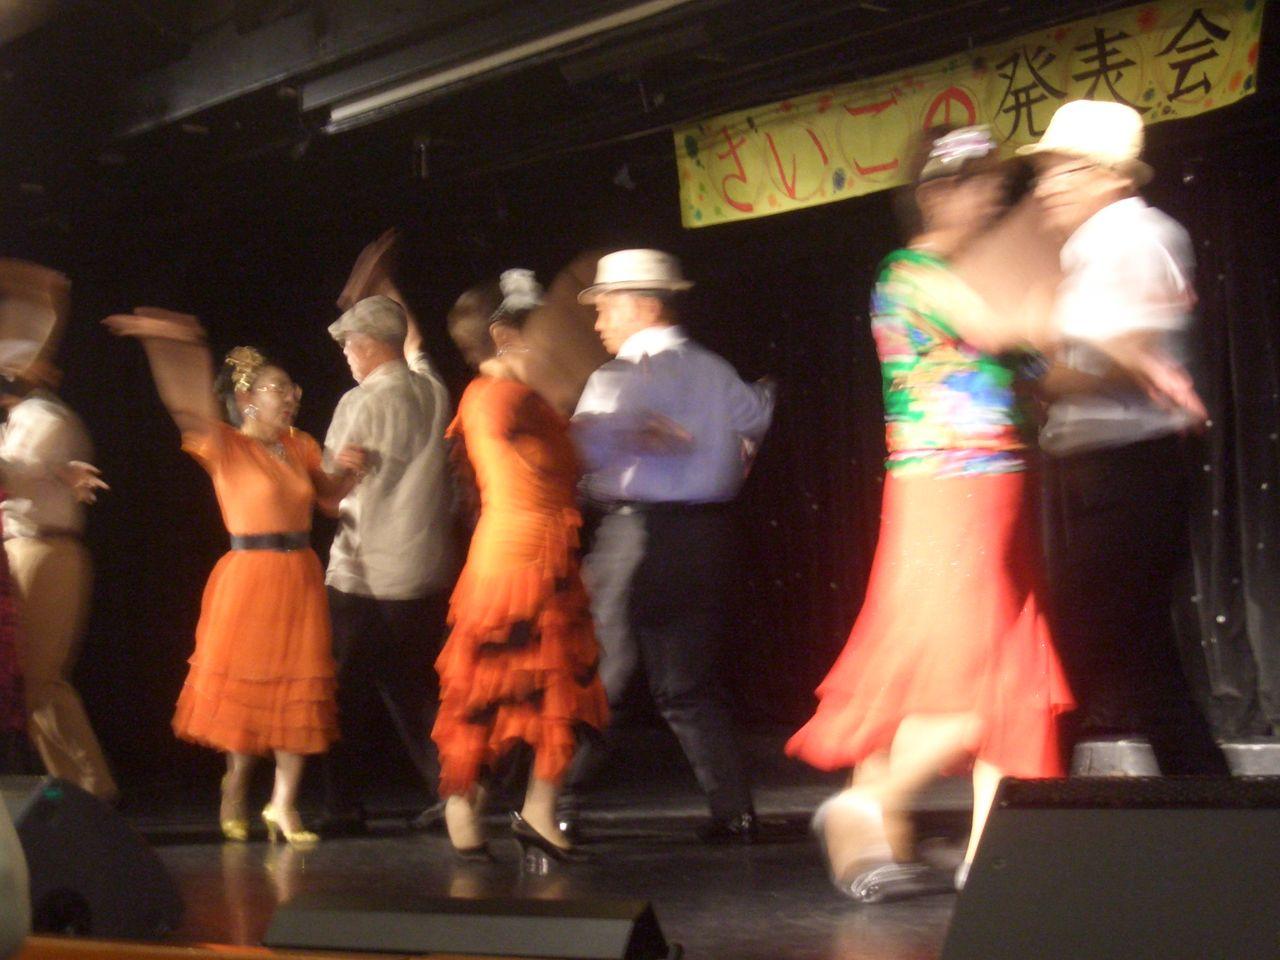 満が社交ダンスのレッスンを始めたのは、ピースボートによる地球一周の船旅で、であった=2012年8月。オーシャン・ドリーム号船上にて 撮影・たかのぶ